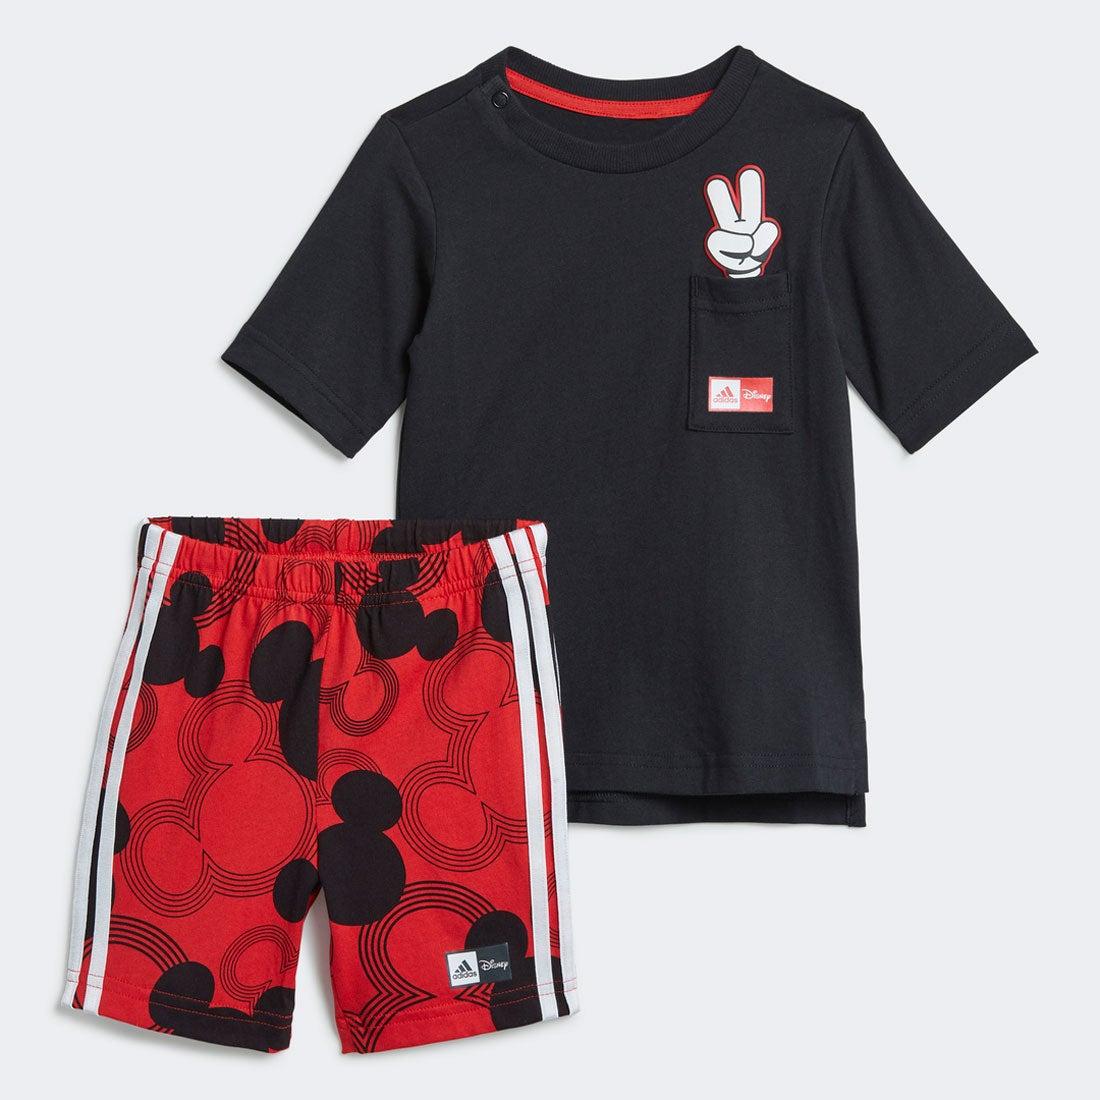 アディダス adidas ディズニー ミッキーマウス サマーセットアップ / Disney Mickey Mouse Summer Set (ブラック)